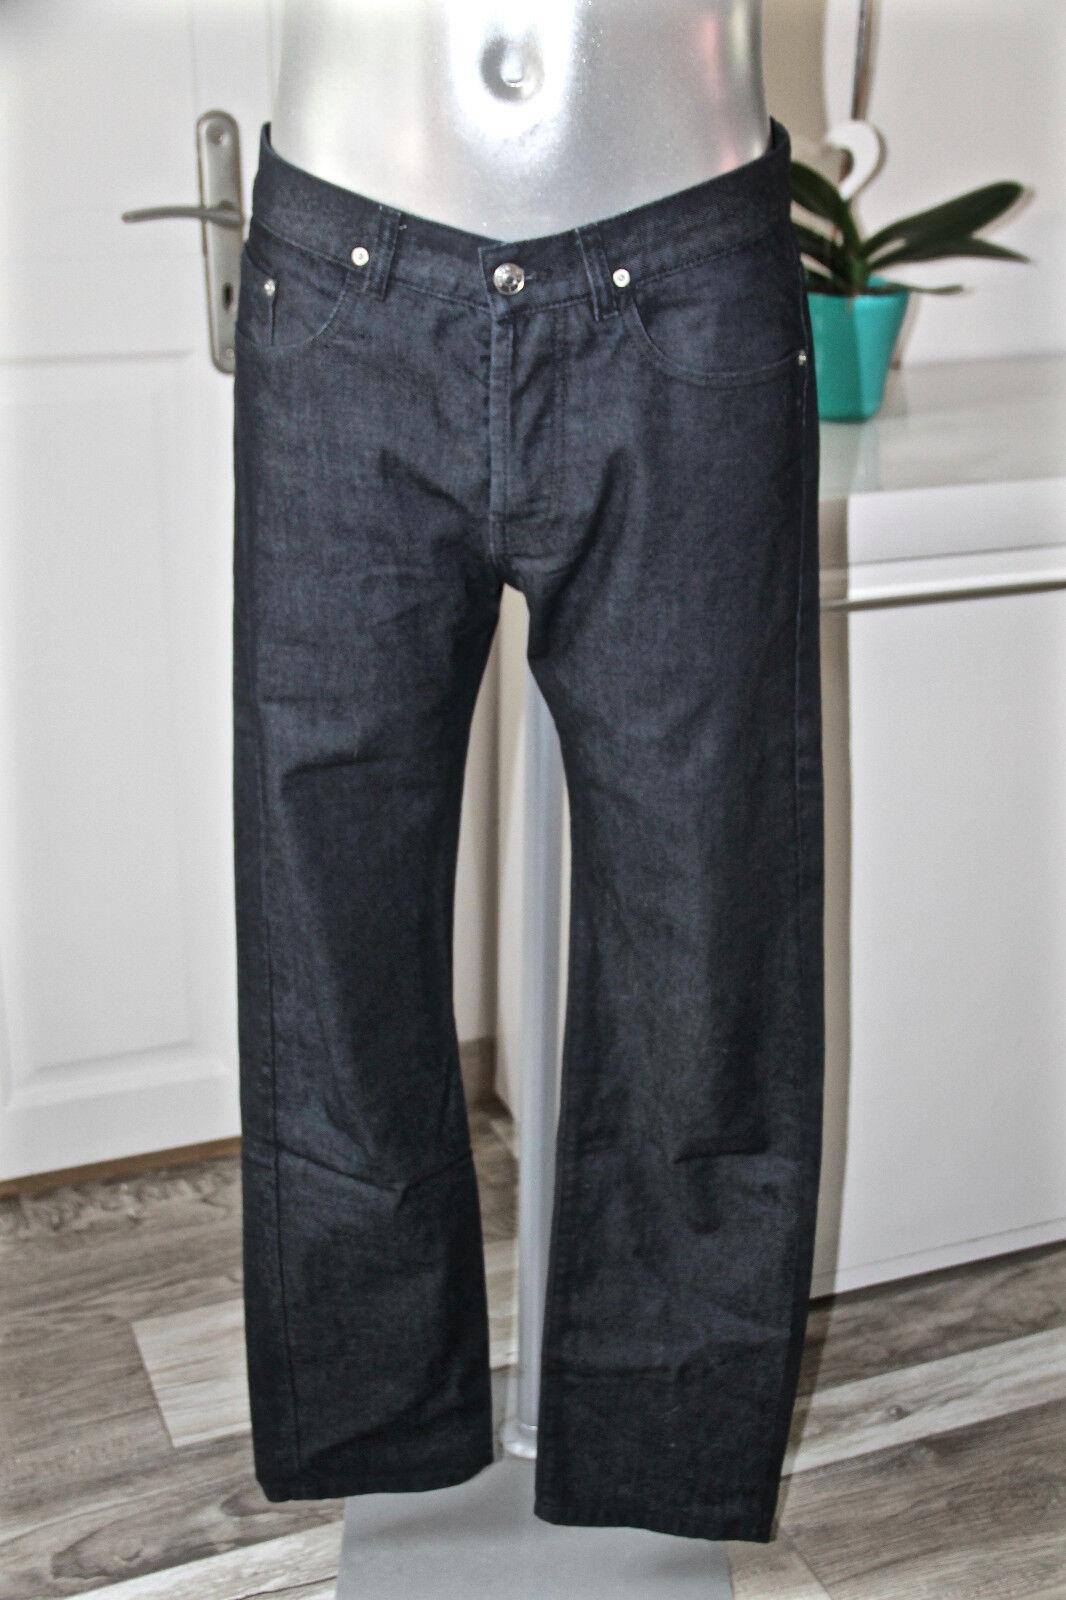 Jeans Brut Denim Man Kenzo Paris Size W30 (40 Fr) Mint Value